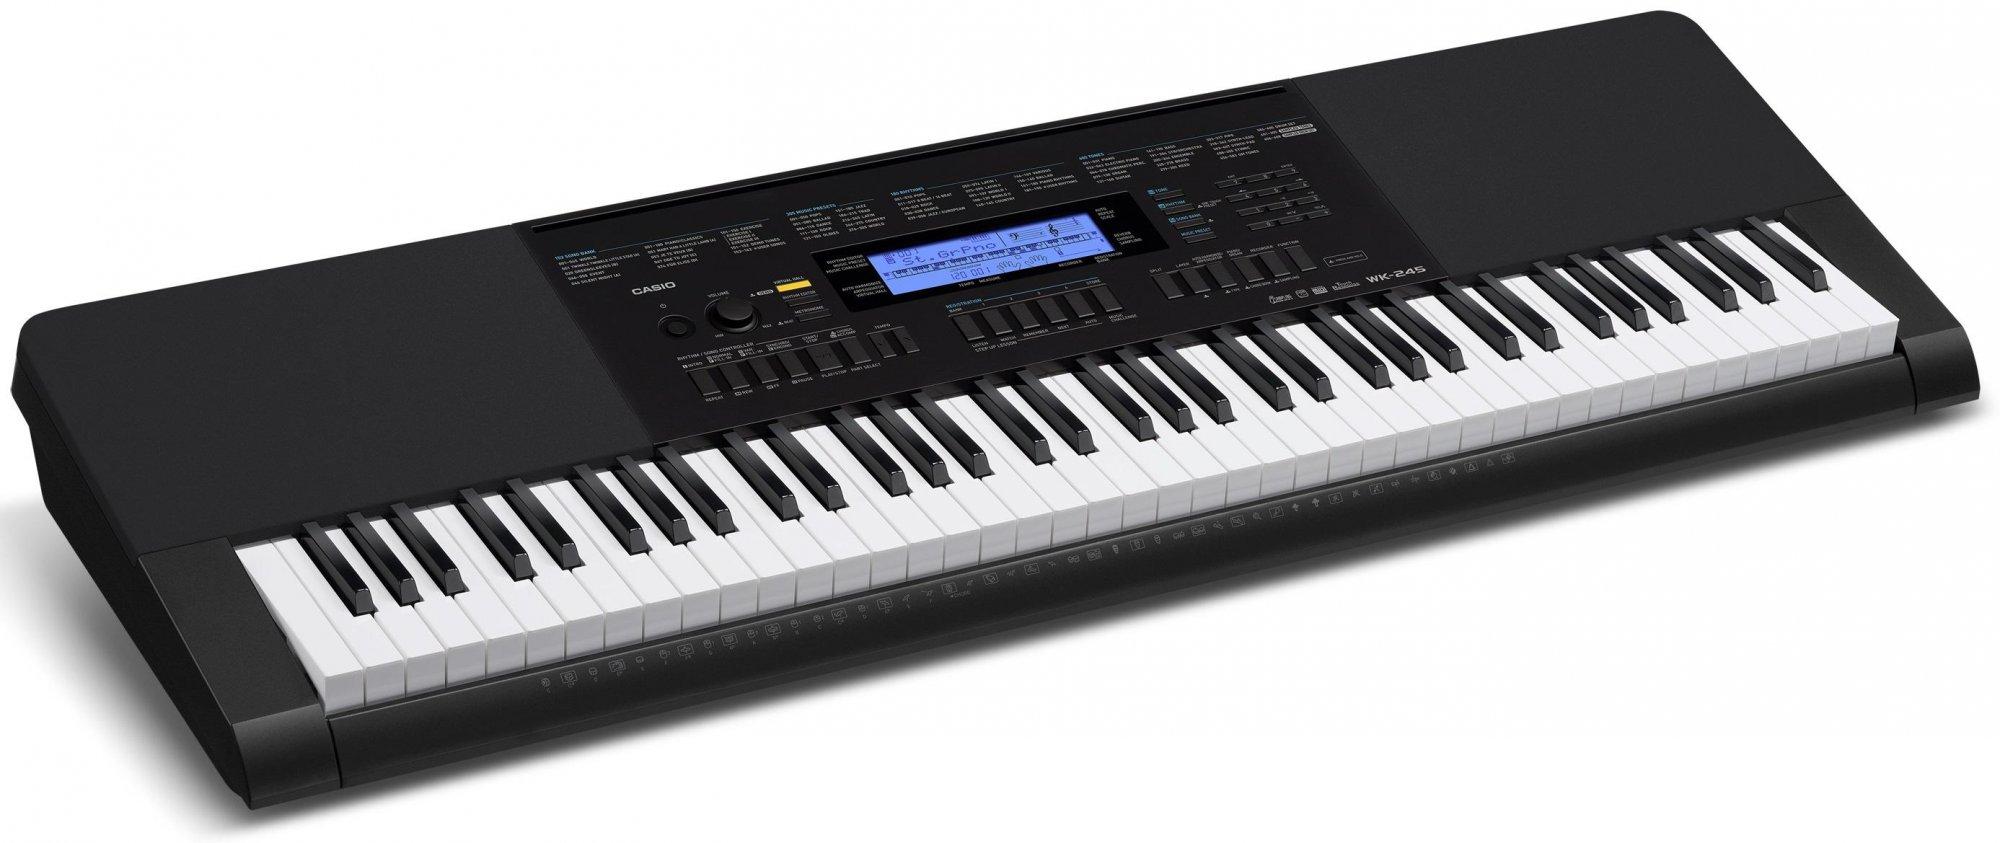 Casio WK-245 76-key Portable Workstation Keyboard